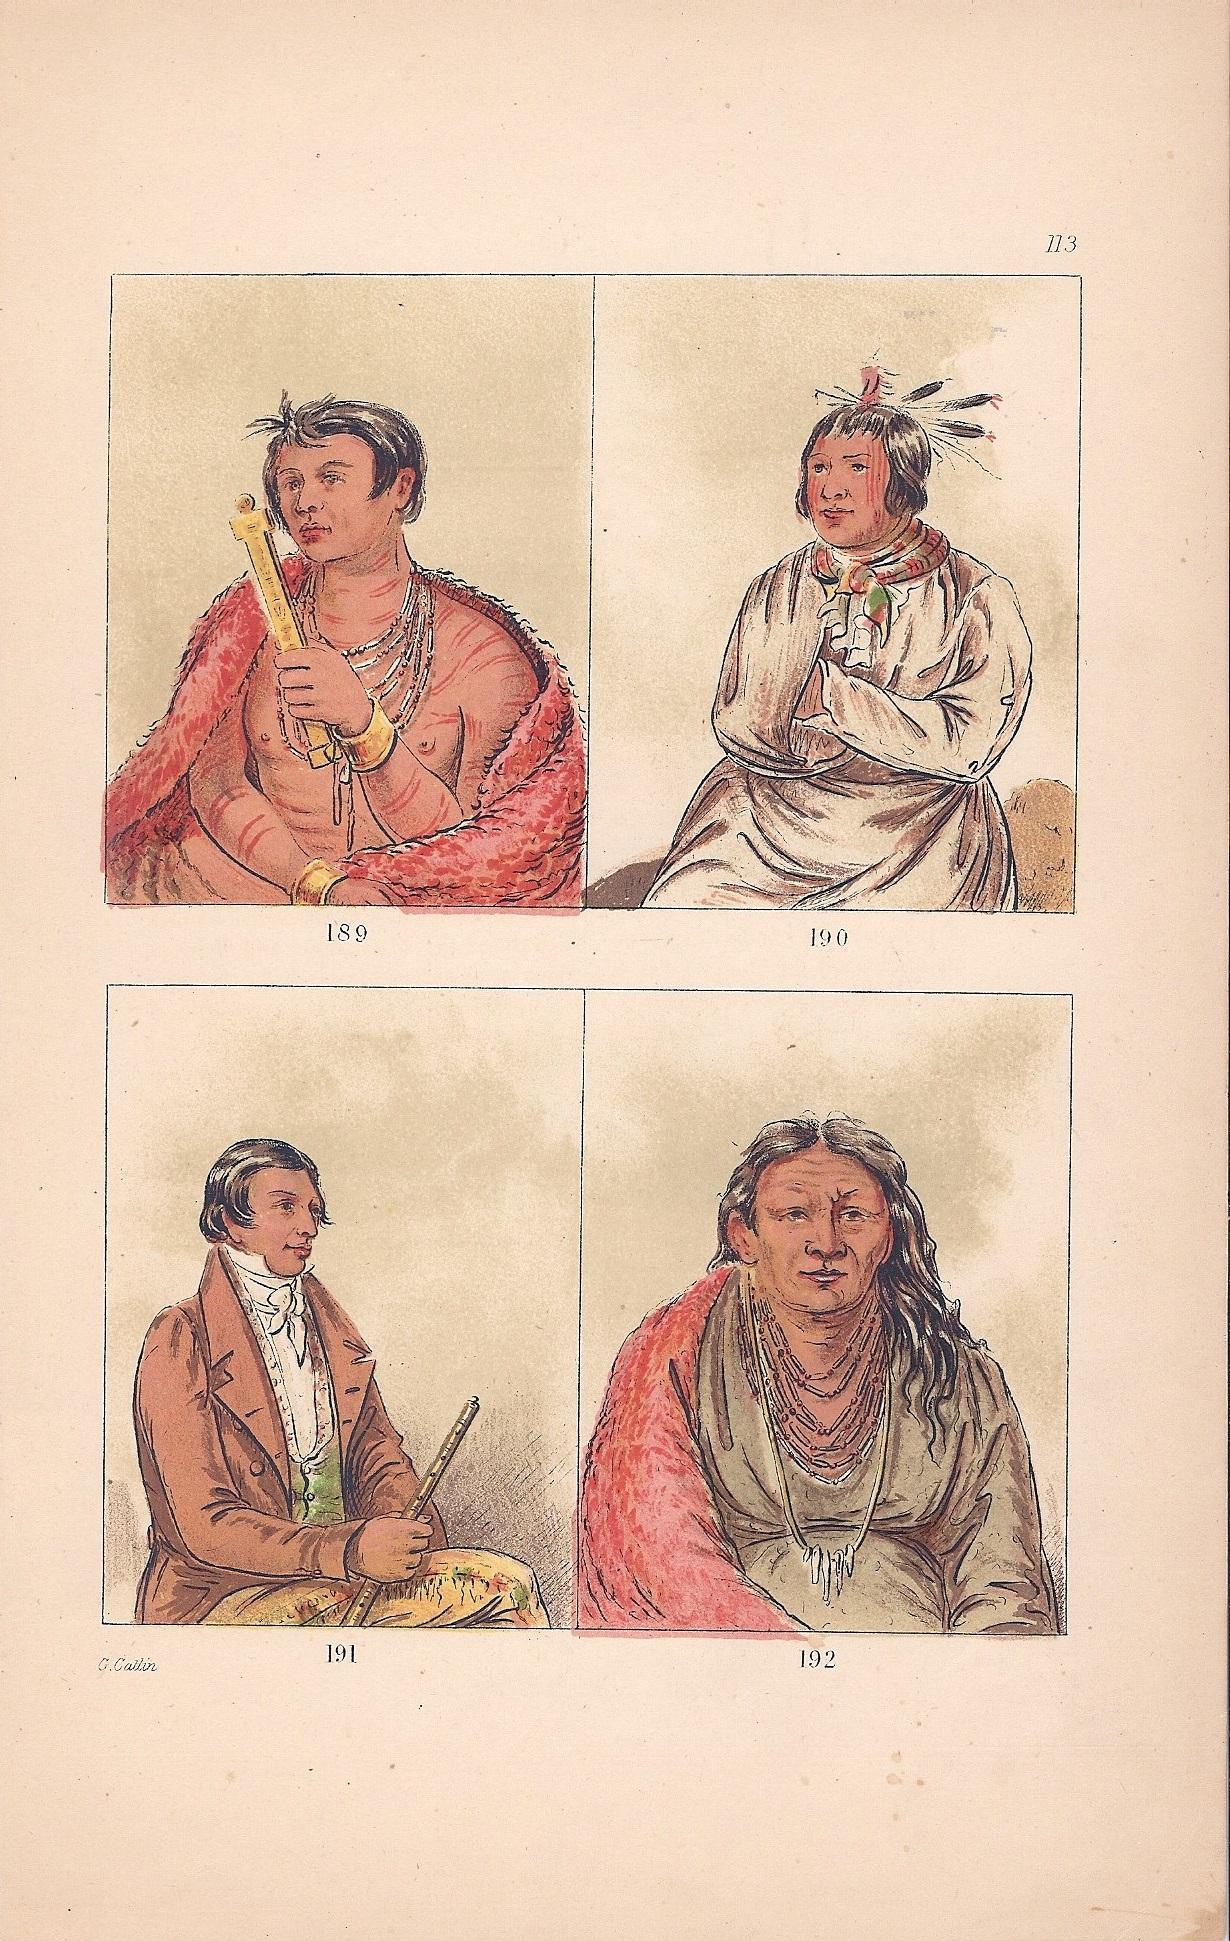 Image 189, 190, 191, 192